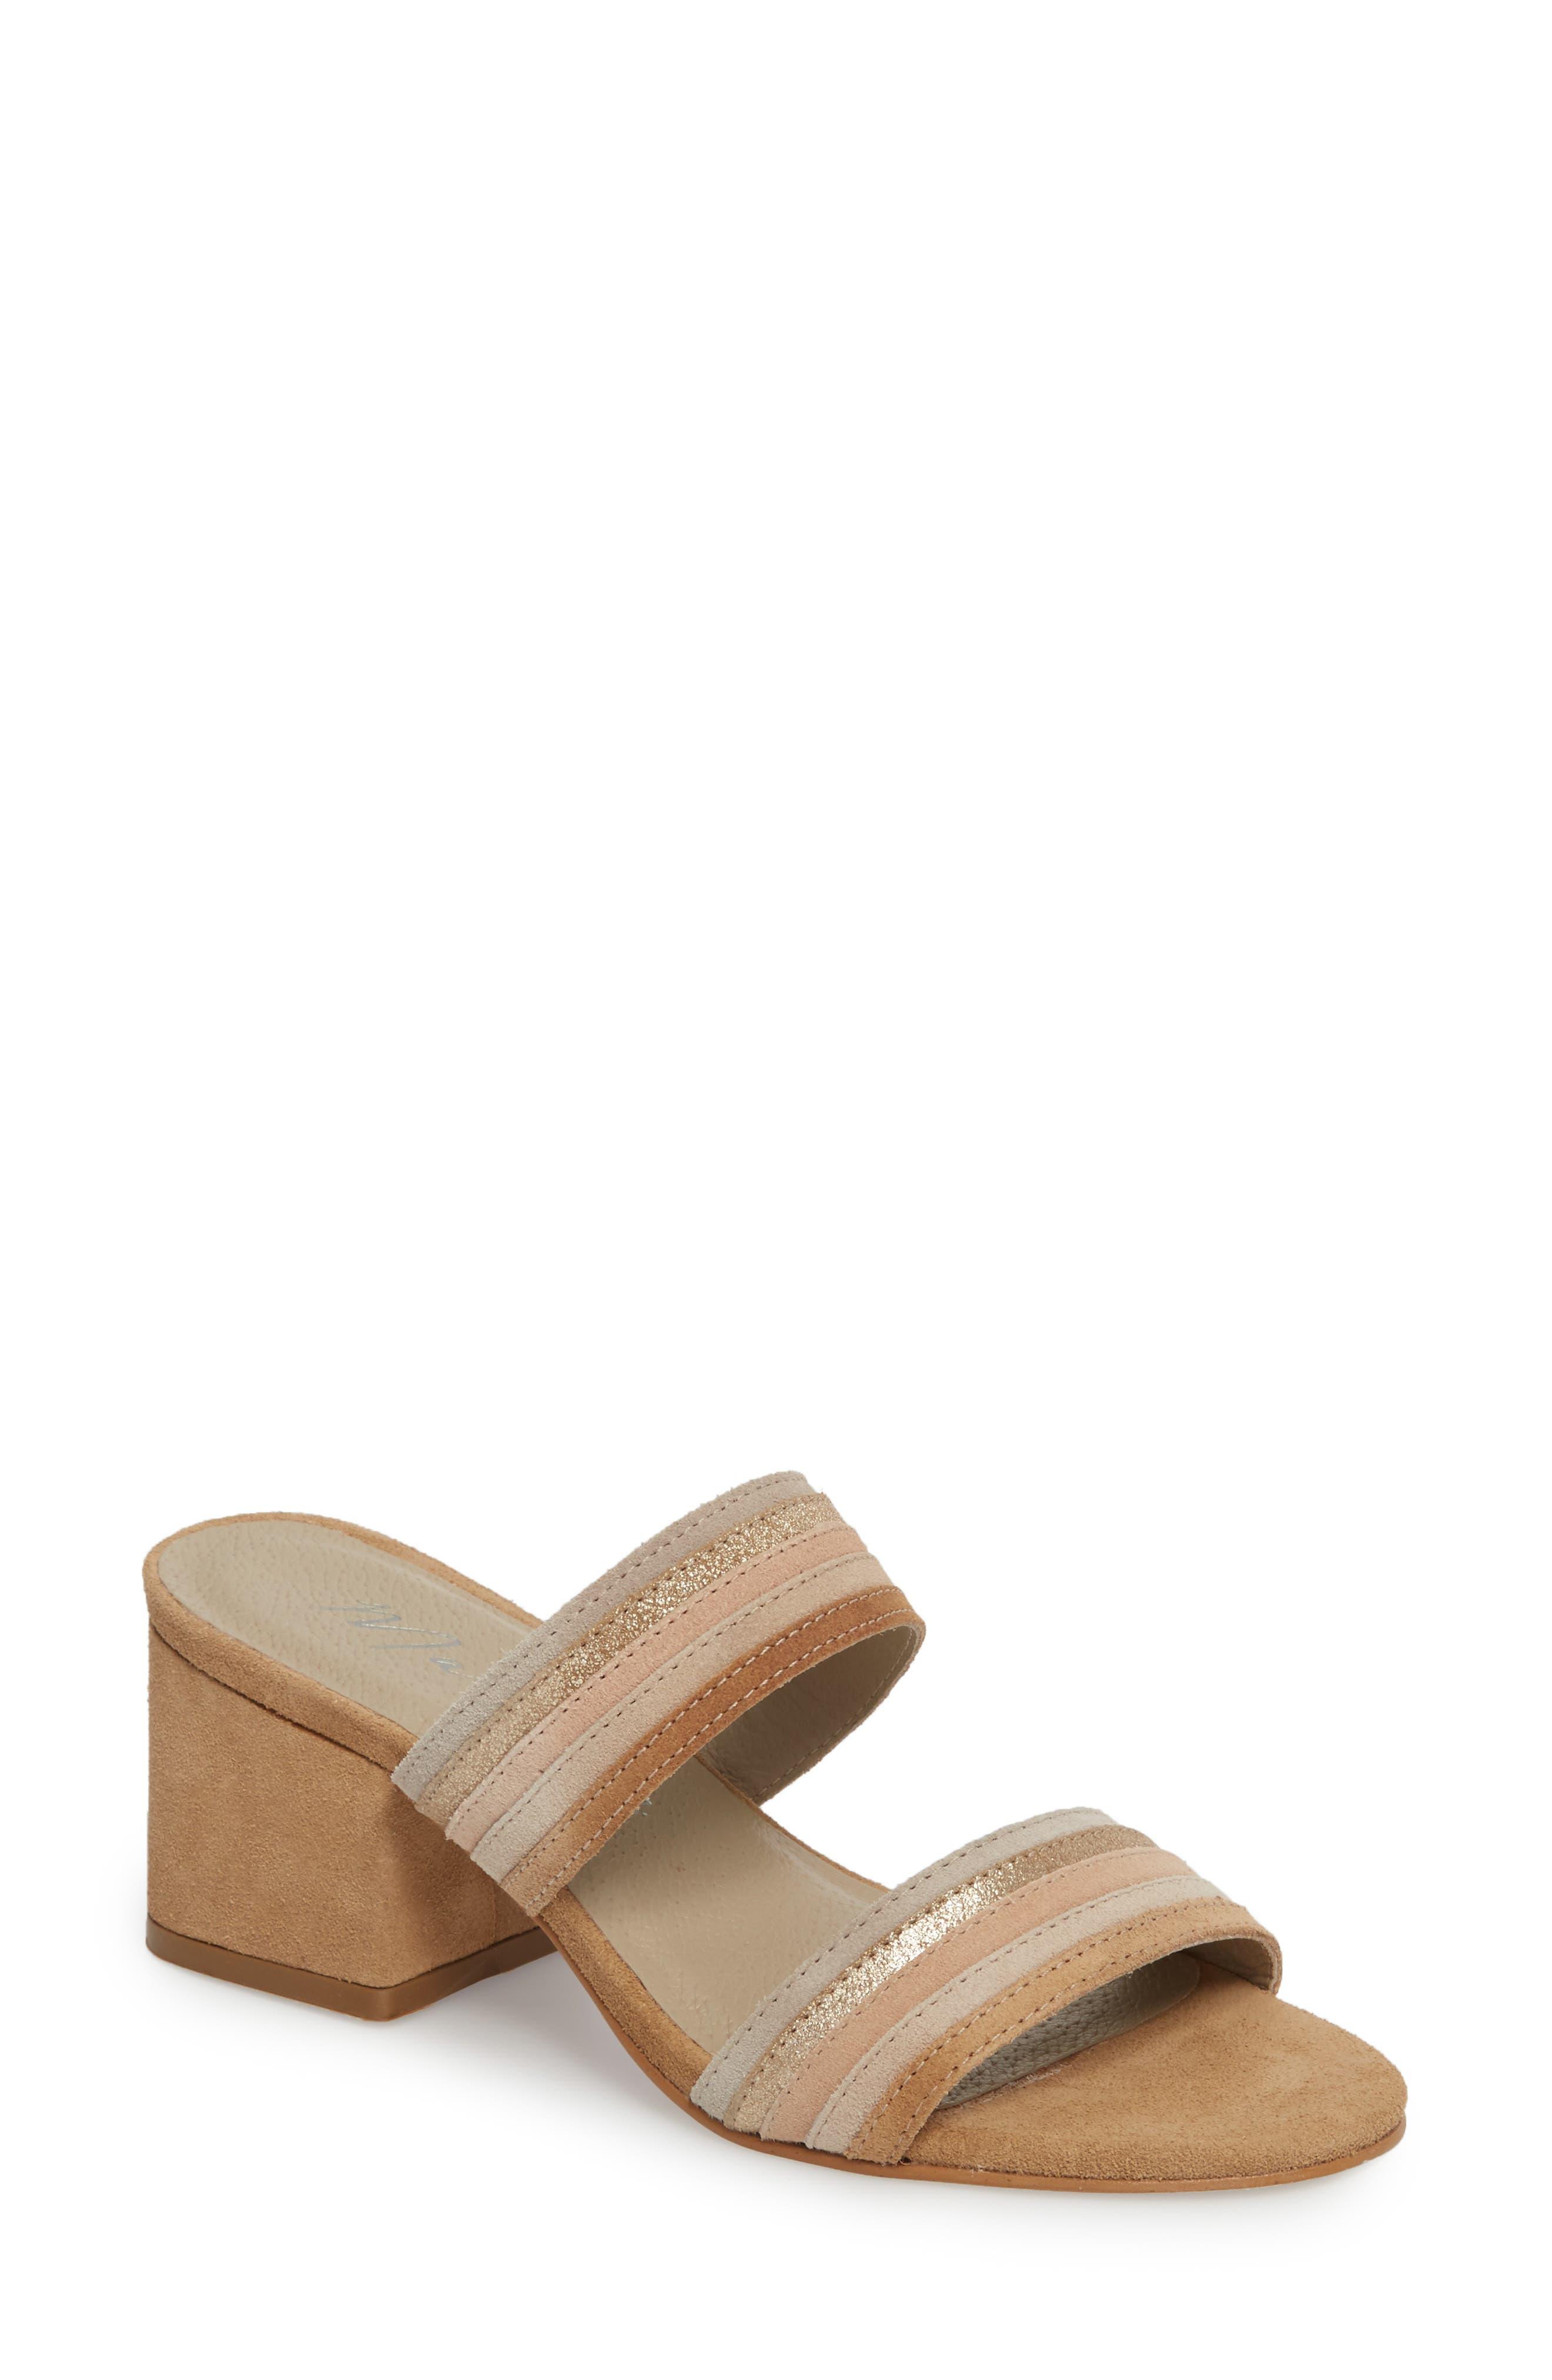 Bonita Slide Sandal,                             Main thumbnail 1, color,                             NATURAL SUEDE